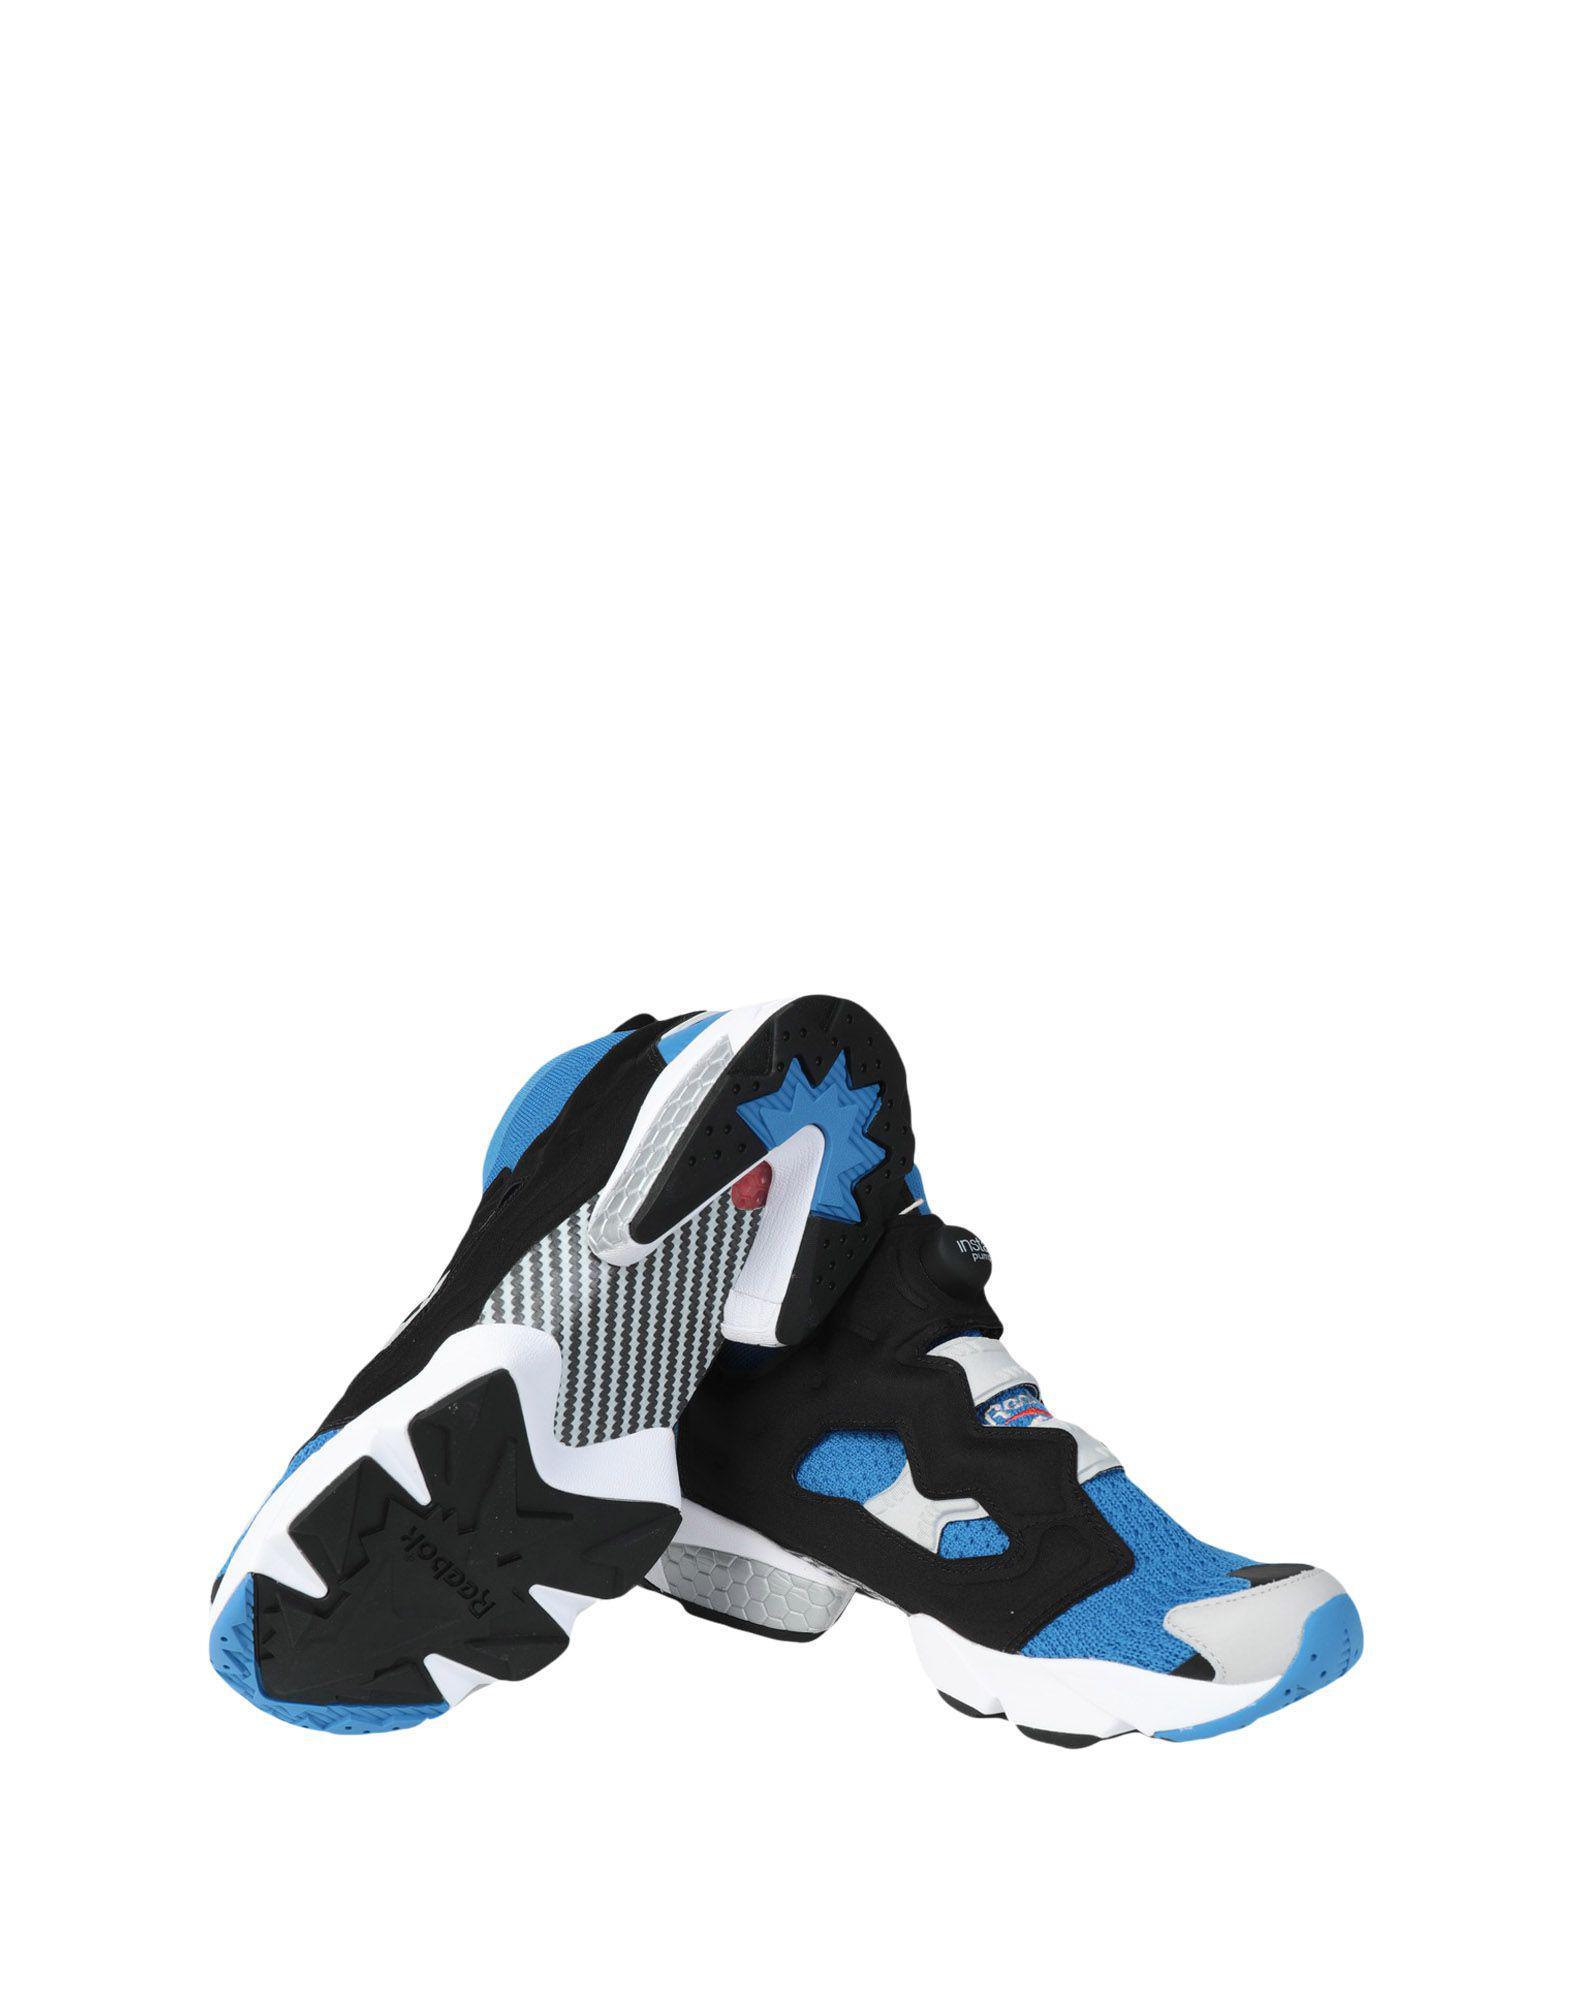 En Pour Sneakersamp; Tennis Homme Montantes Reebok Bleu Lyst Coloris dxoCWQBre